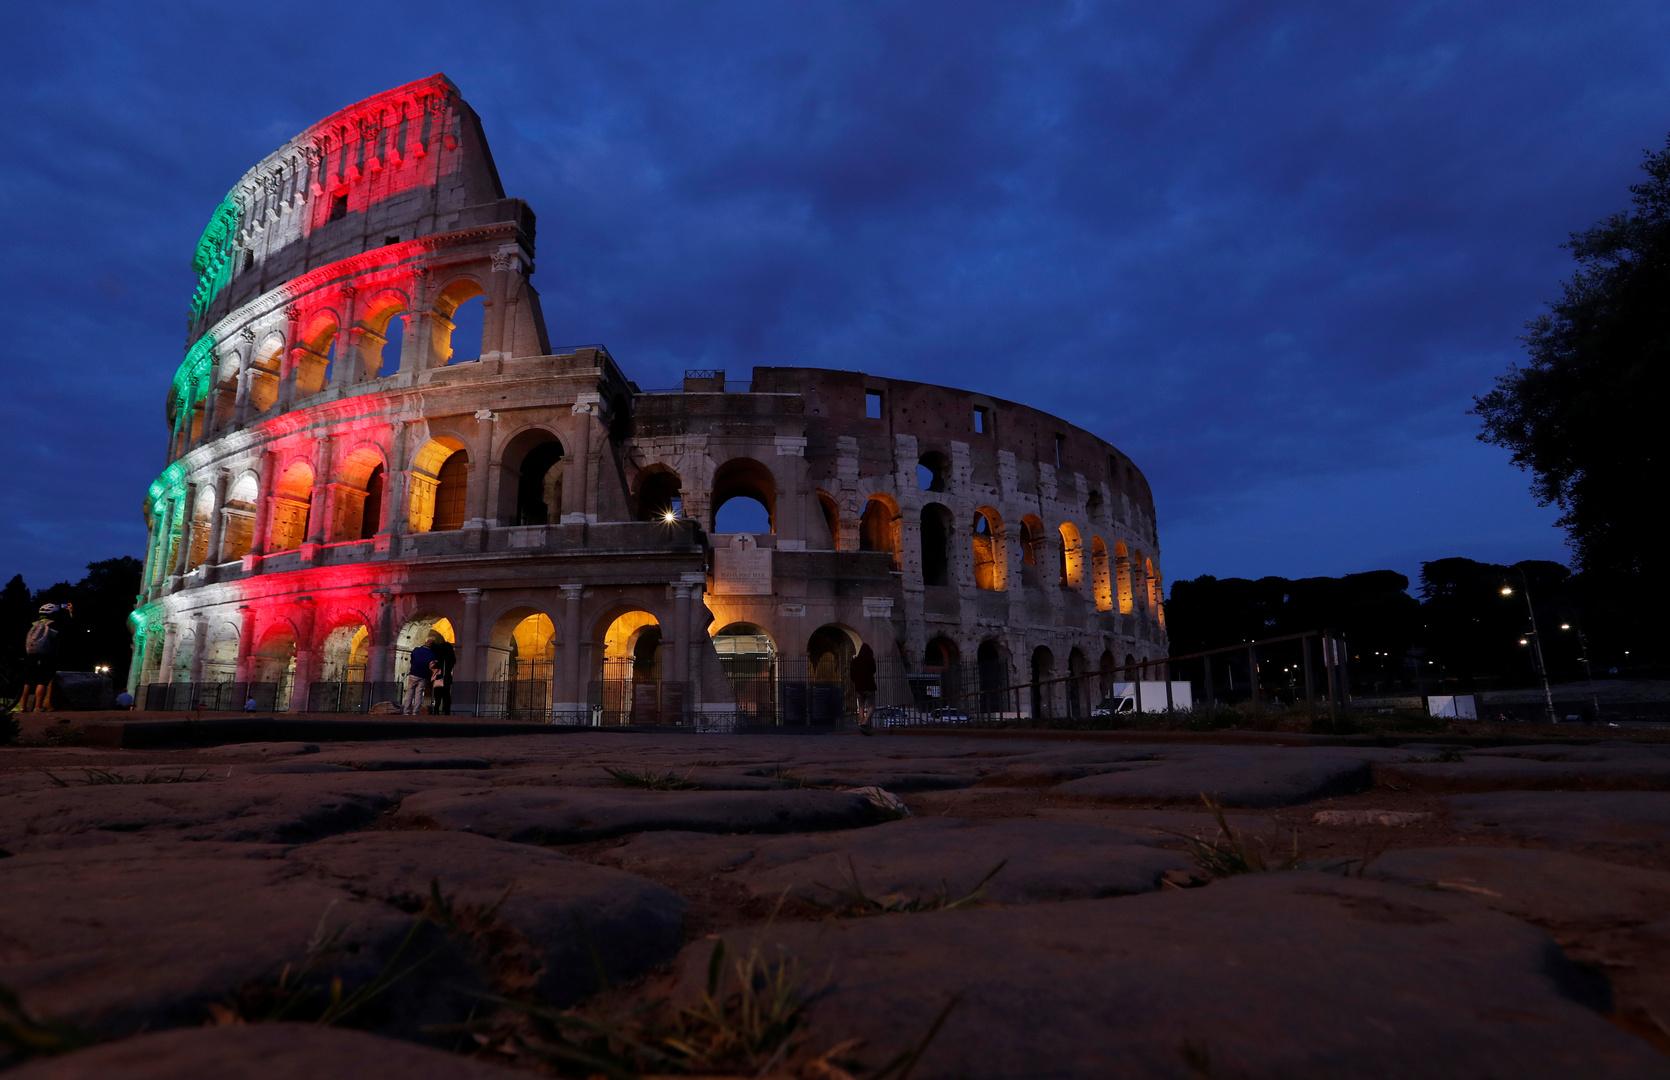 زعيمة حزب إيطالي يميني: السياح الذين تلقوا لقاحات كورونا غير معترف بها لن يدخلوا إلى بلادنا